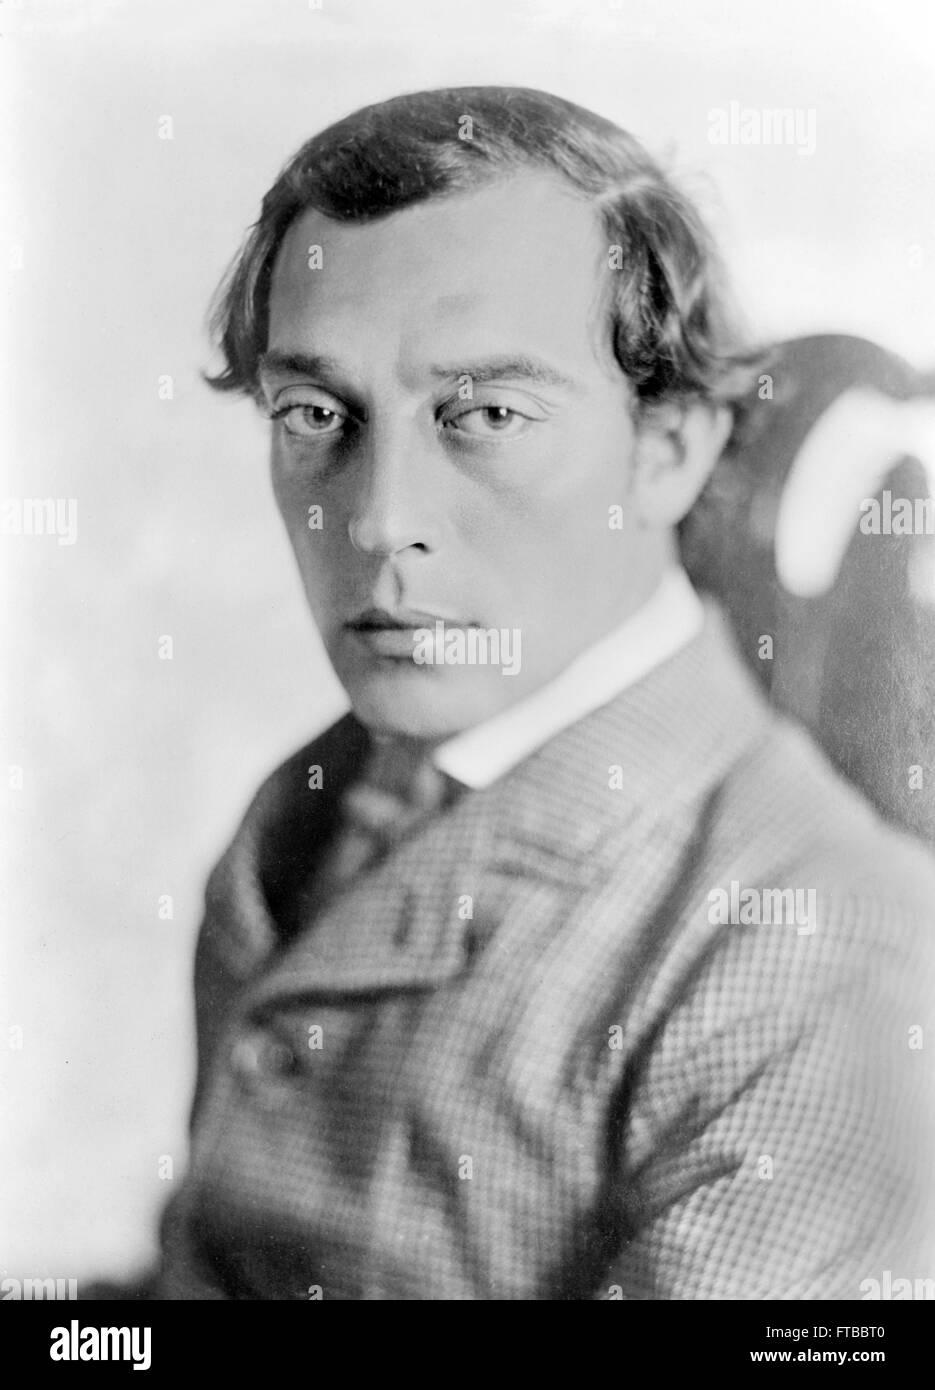 Buster Keaton. Ritratto del film muto star, Buster Keaton, in 'General'. Immagini Stock